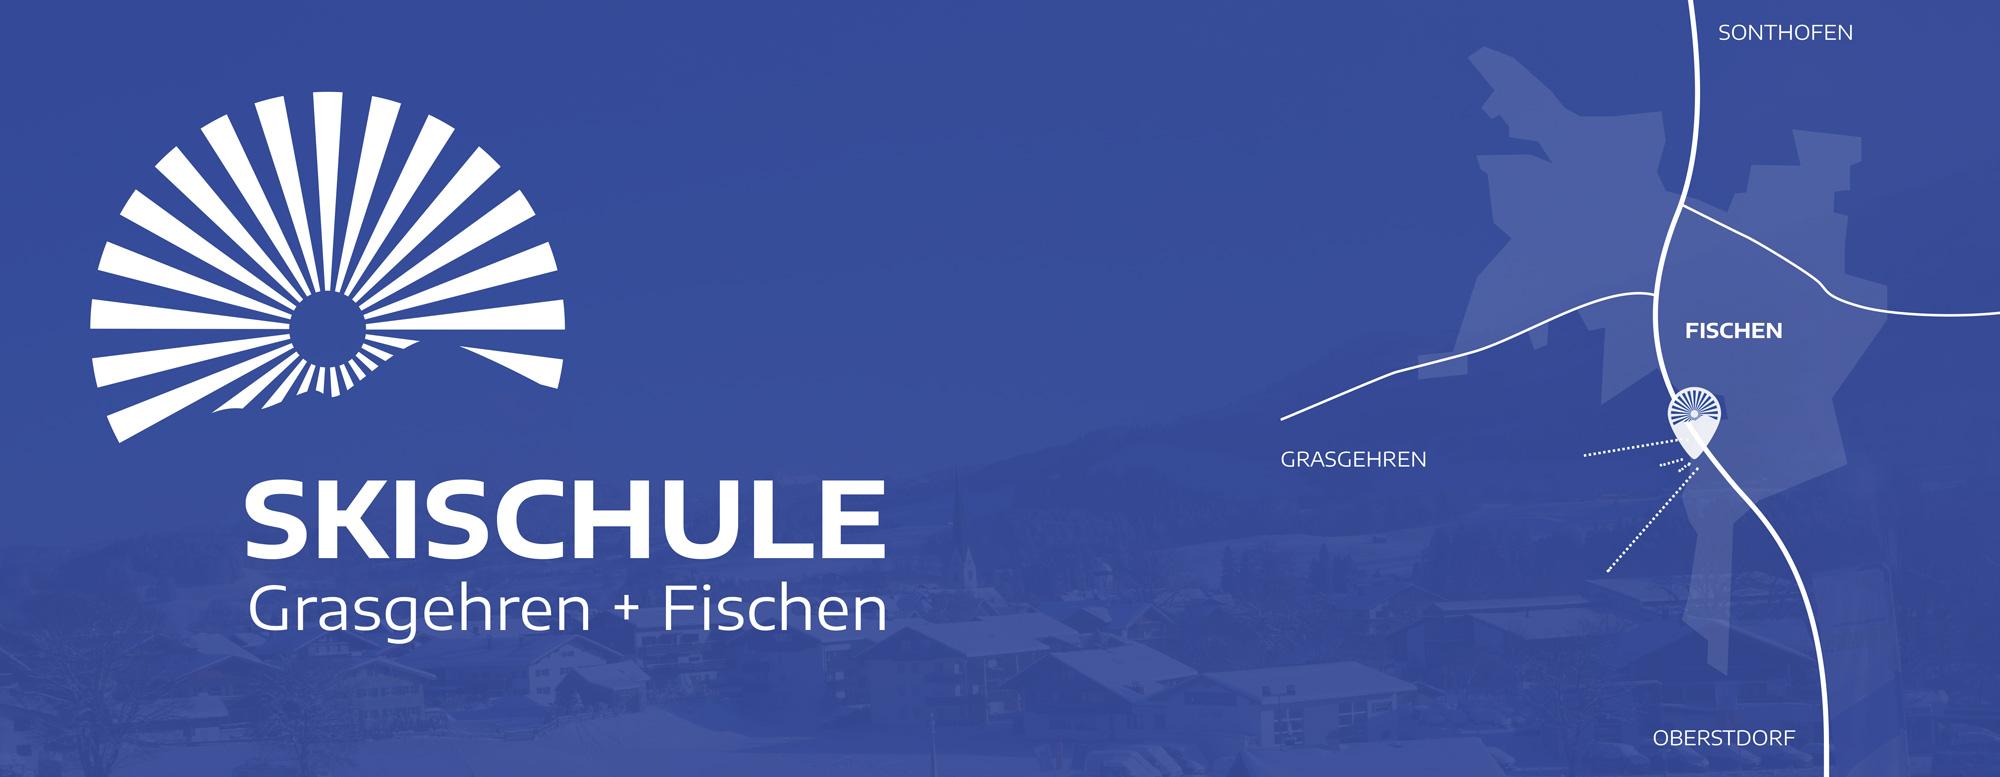 Skischule Grasgehren + Fischen Anfahrtskarte